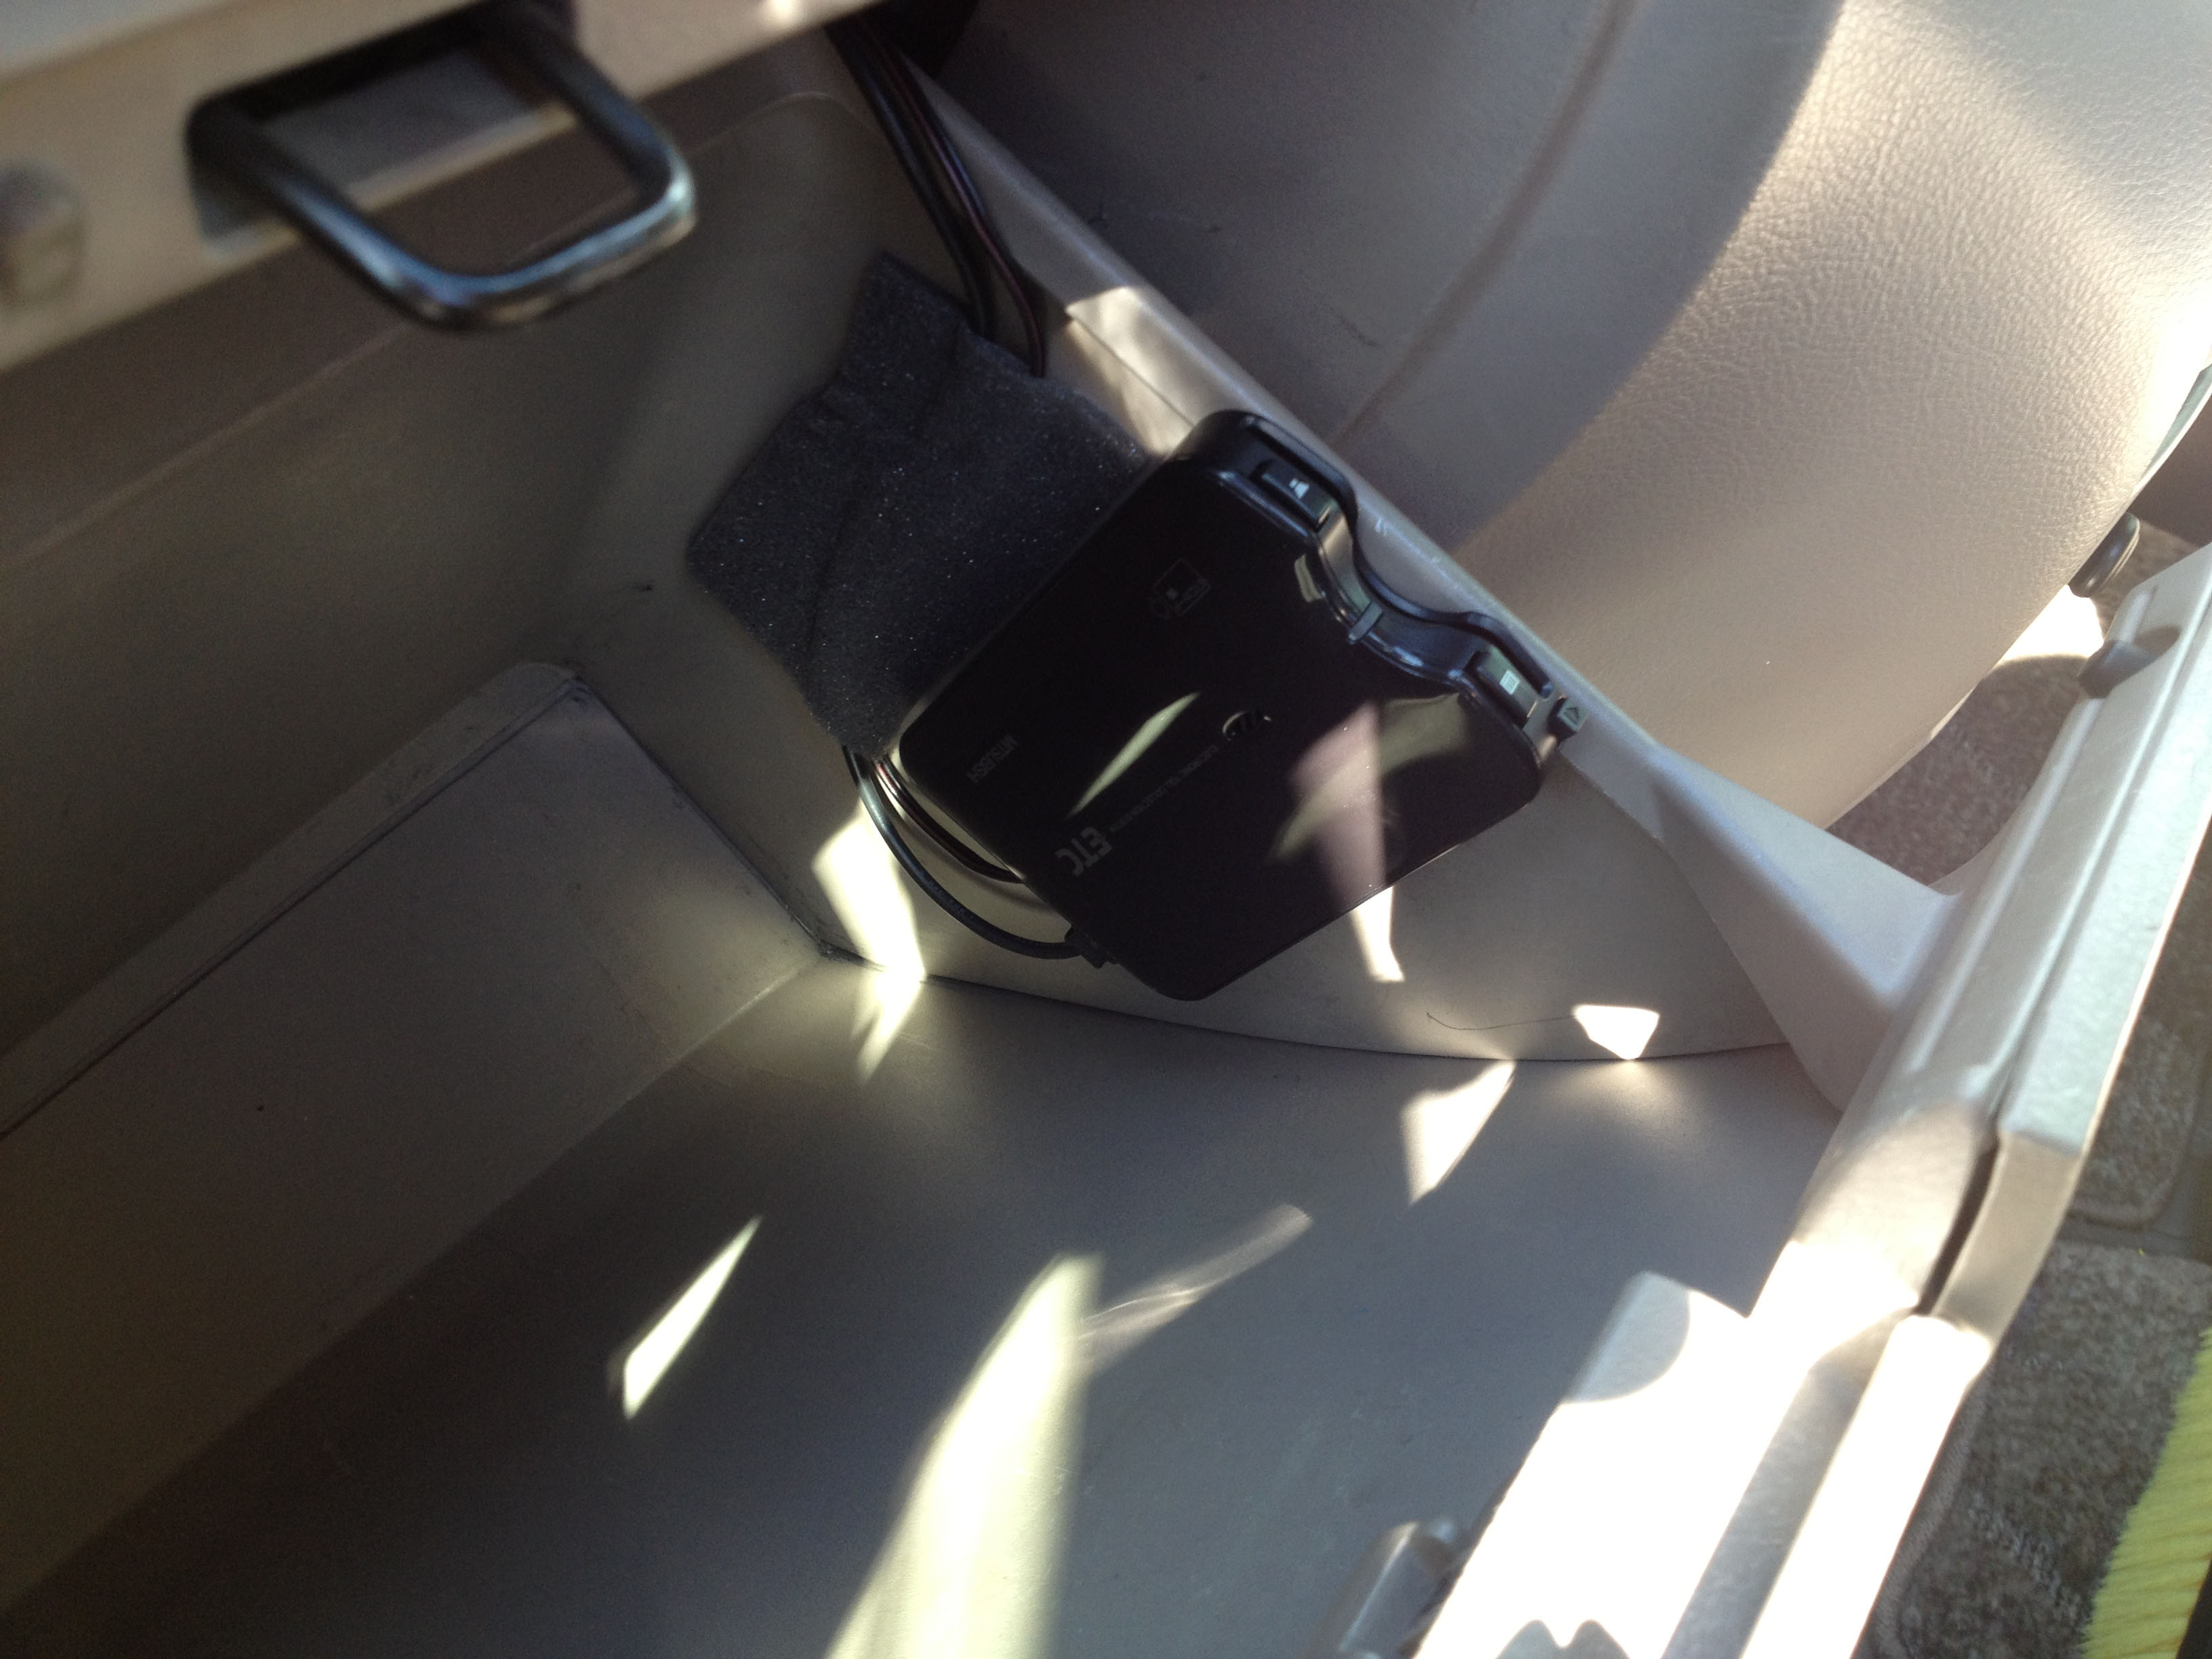 グローブホックス内へ三菱EP-9シリーズETC車載器設置